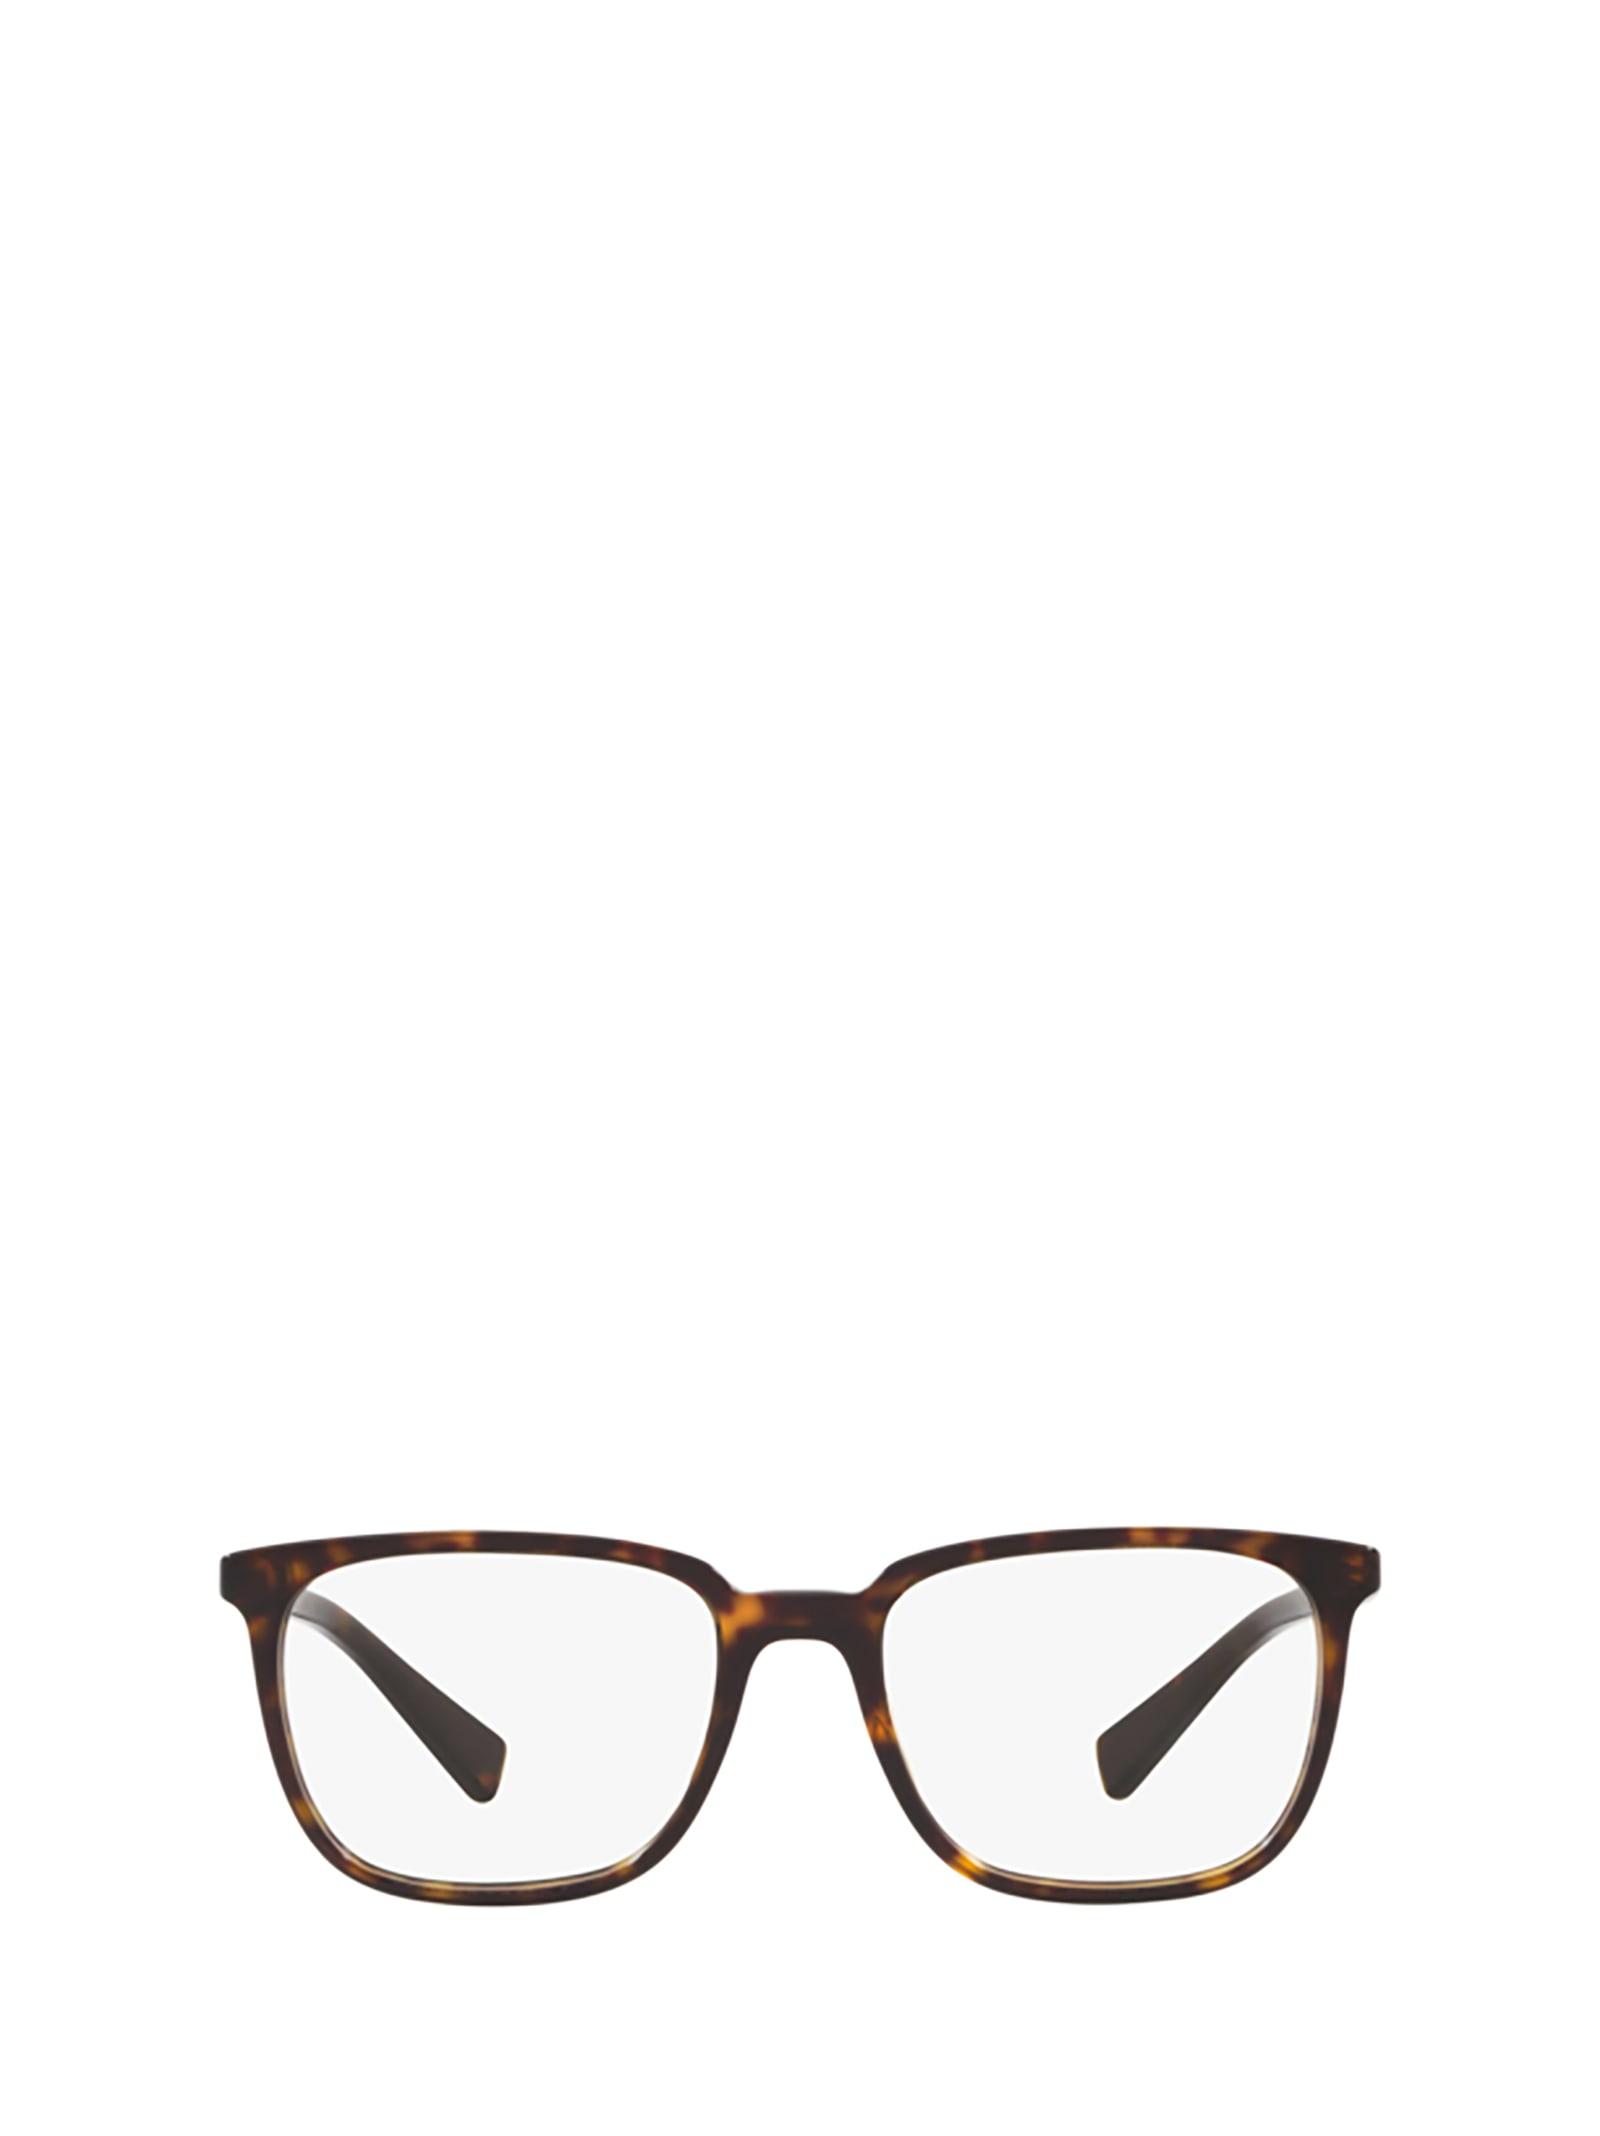 Dolce & Gabbana Dolce & Gabbana Dg3298 502 Glasses